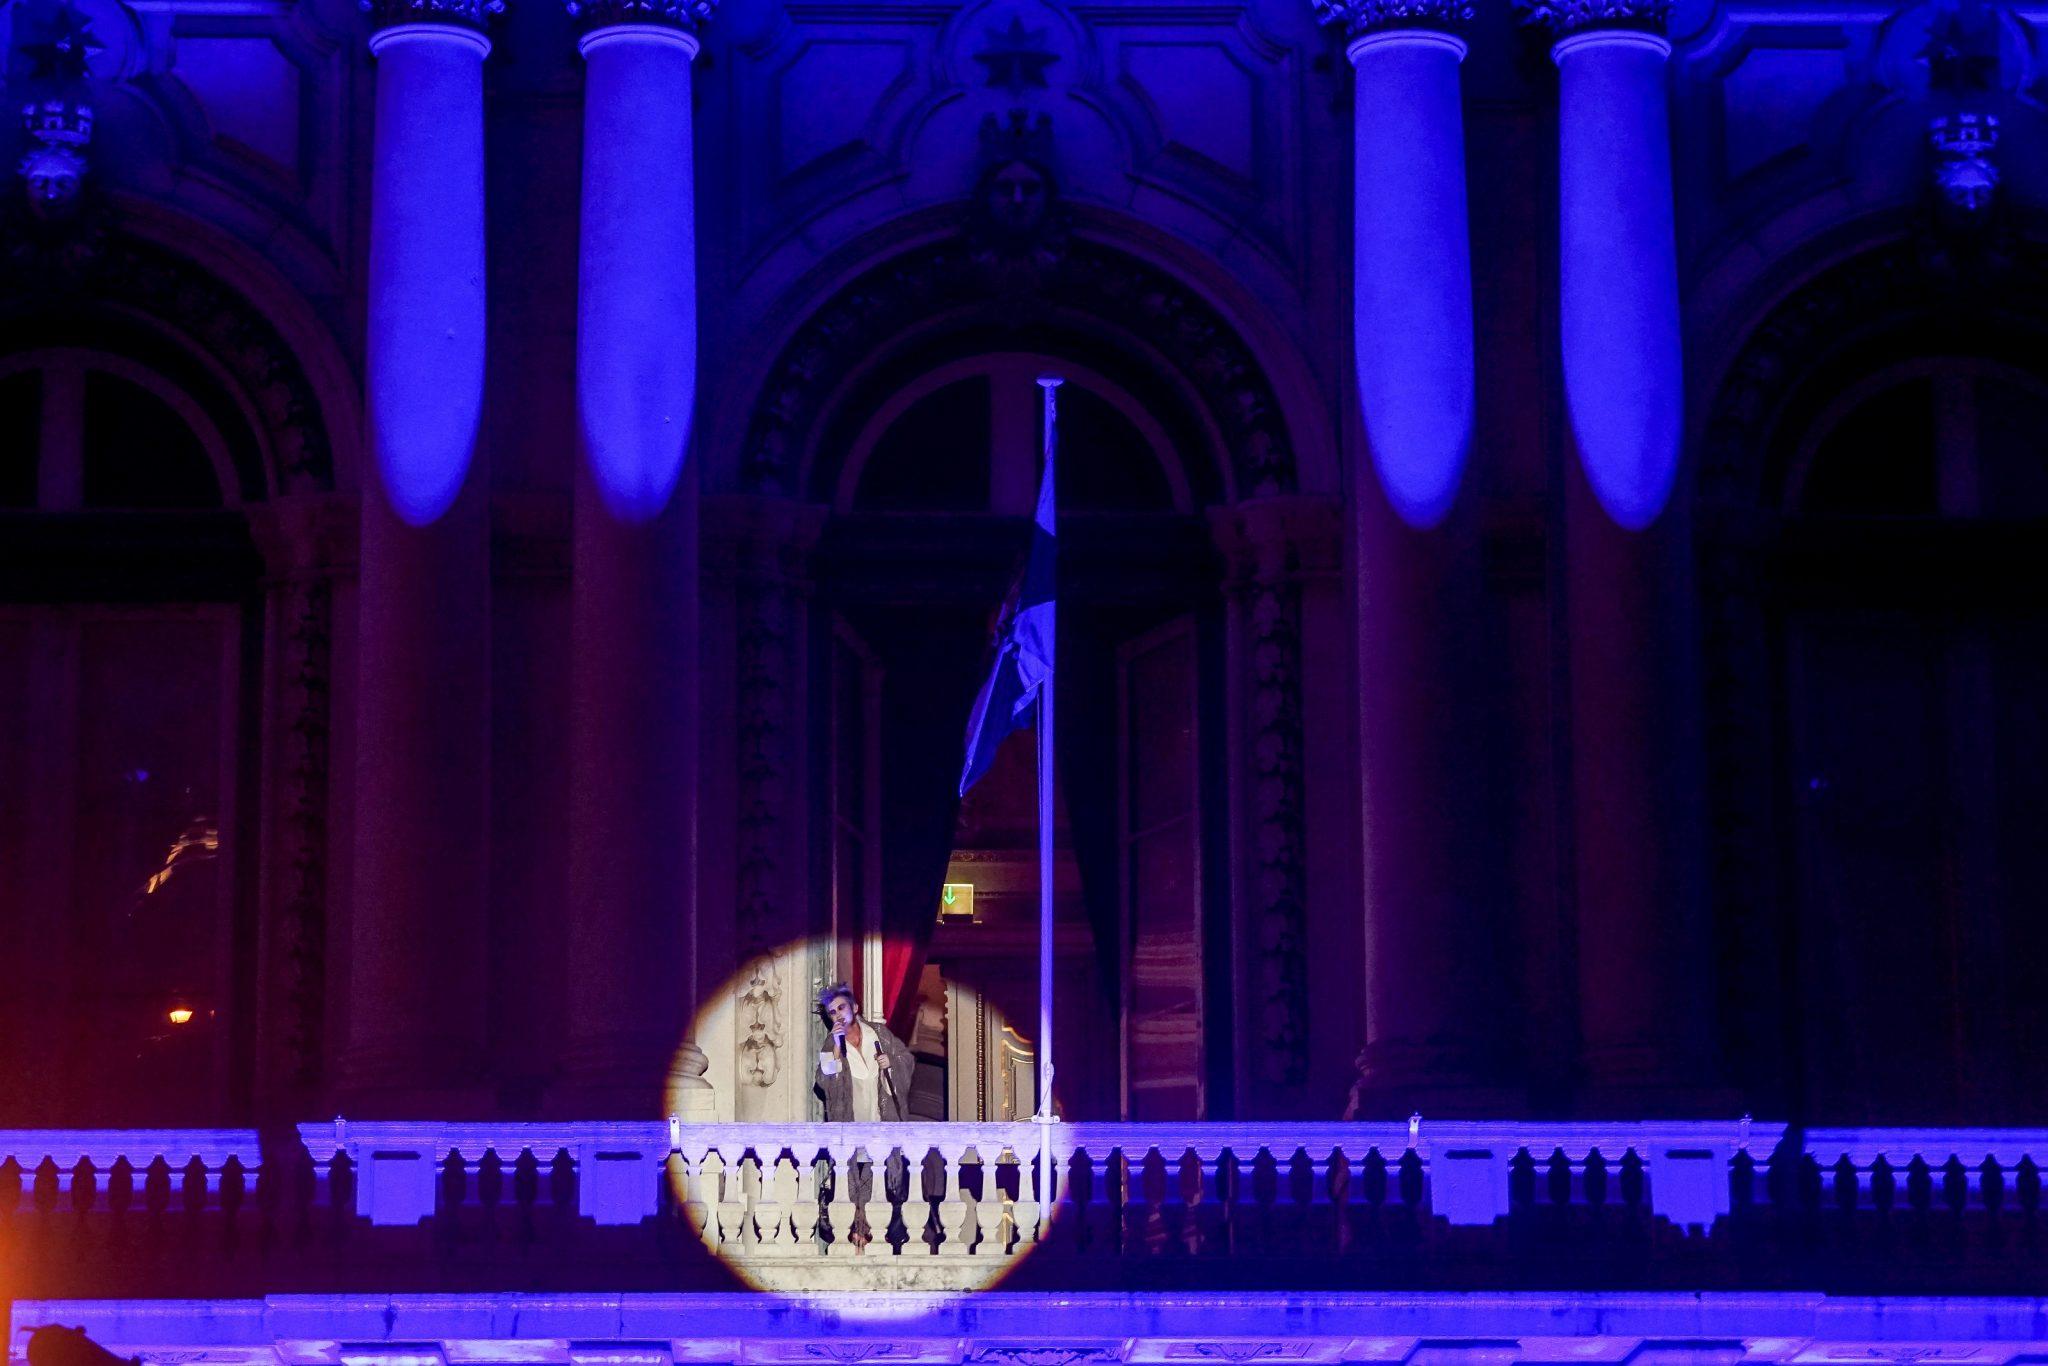 Na varanda dos Paços do Concelho, um foco ilumina o fadista Paulo Bragança